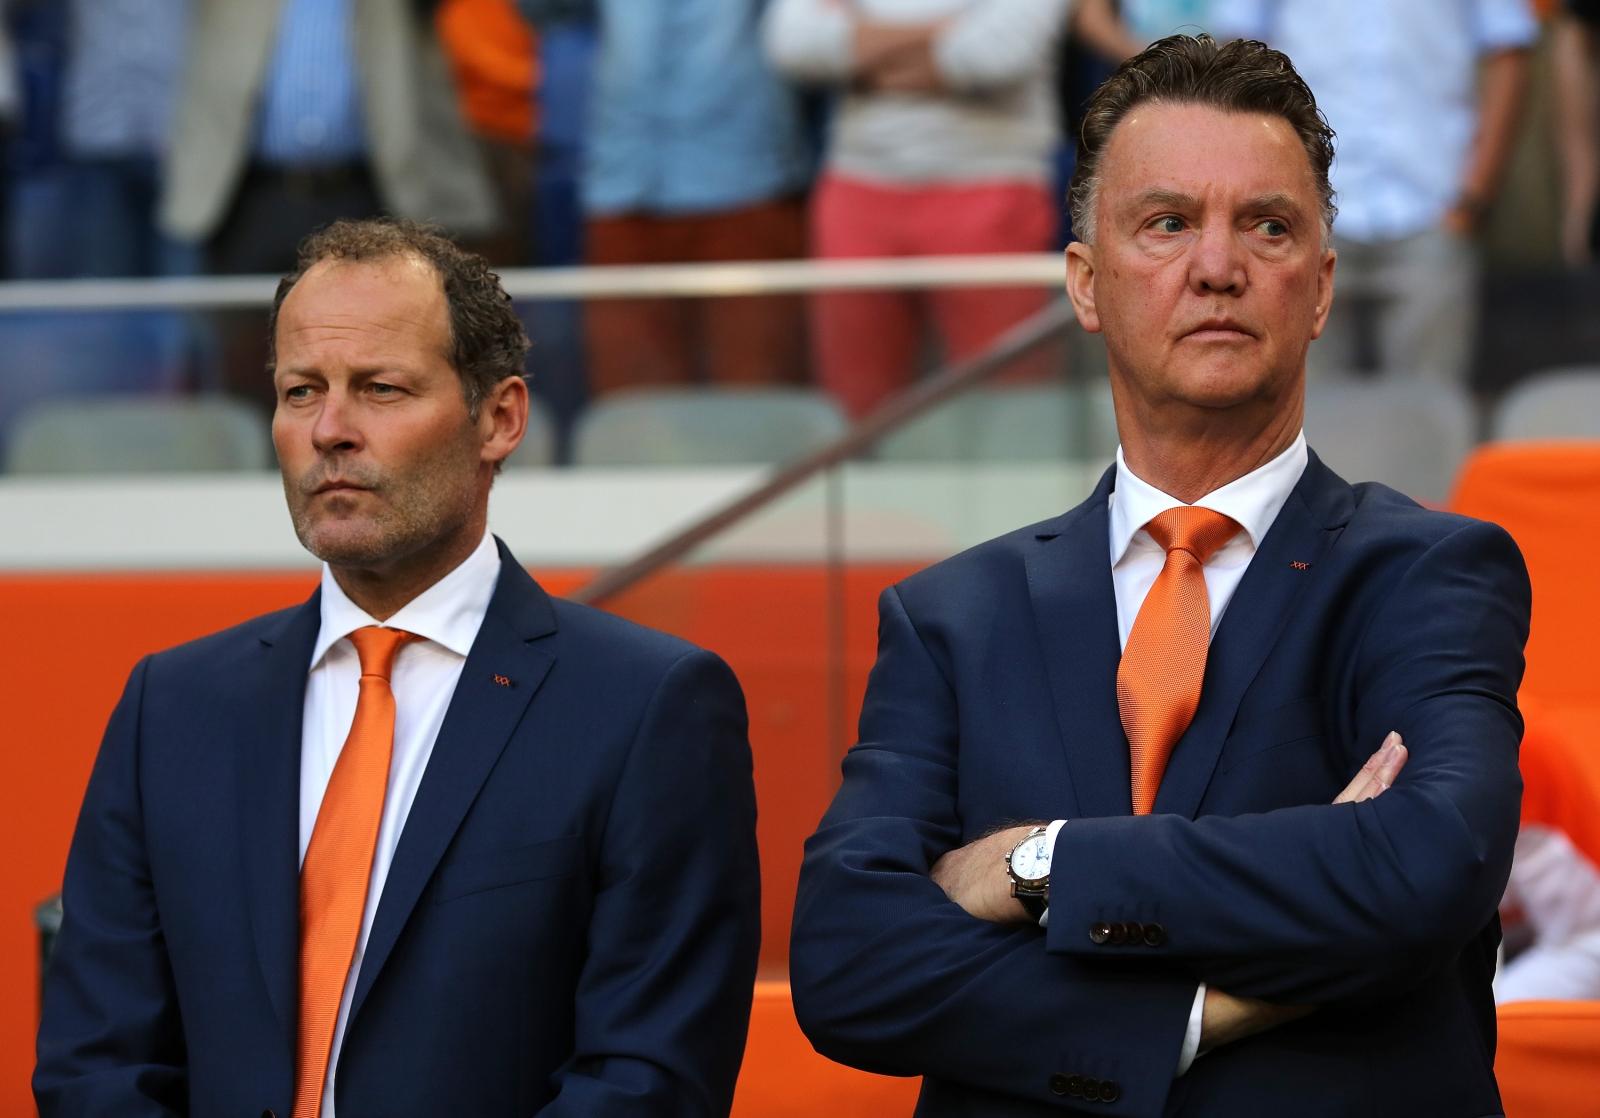 Danny Blind and Louis van Gaal